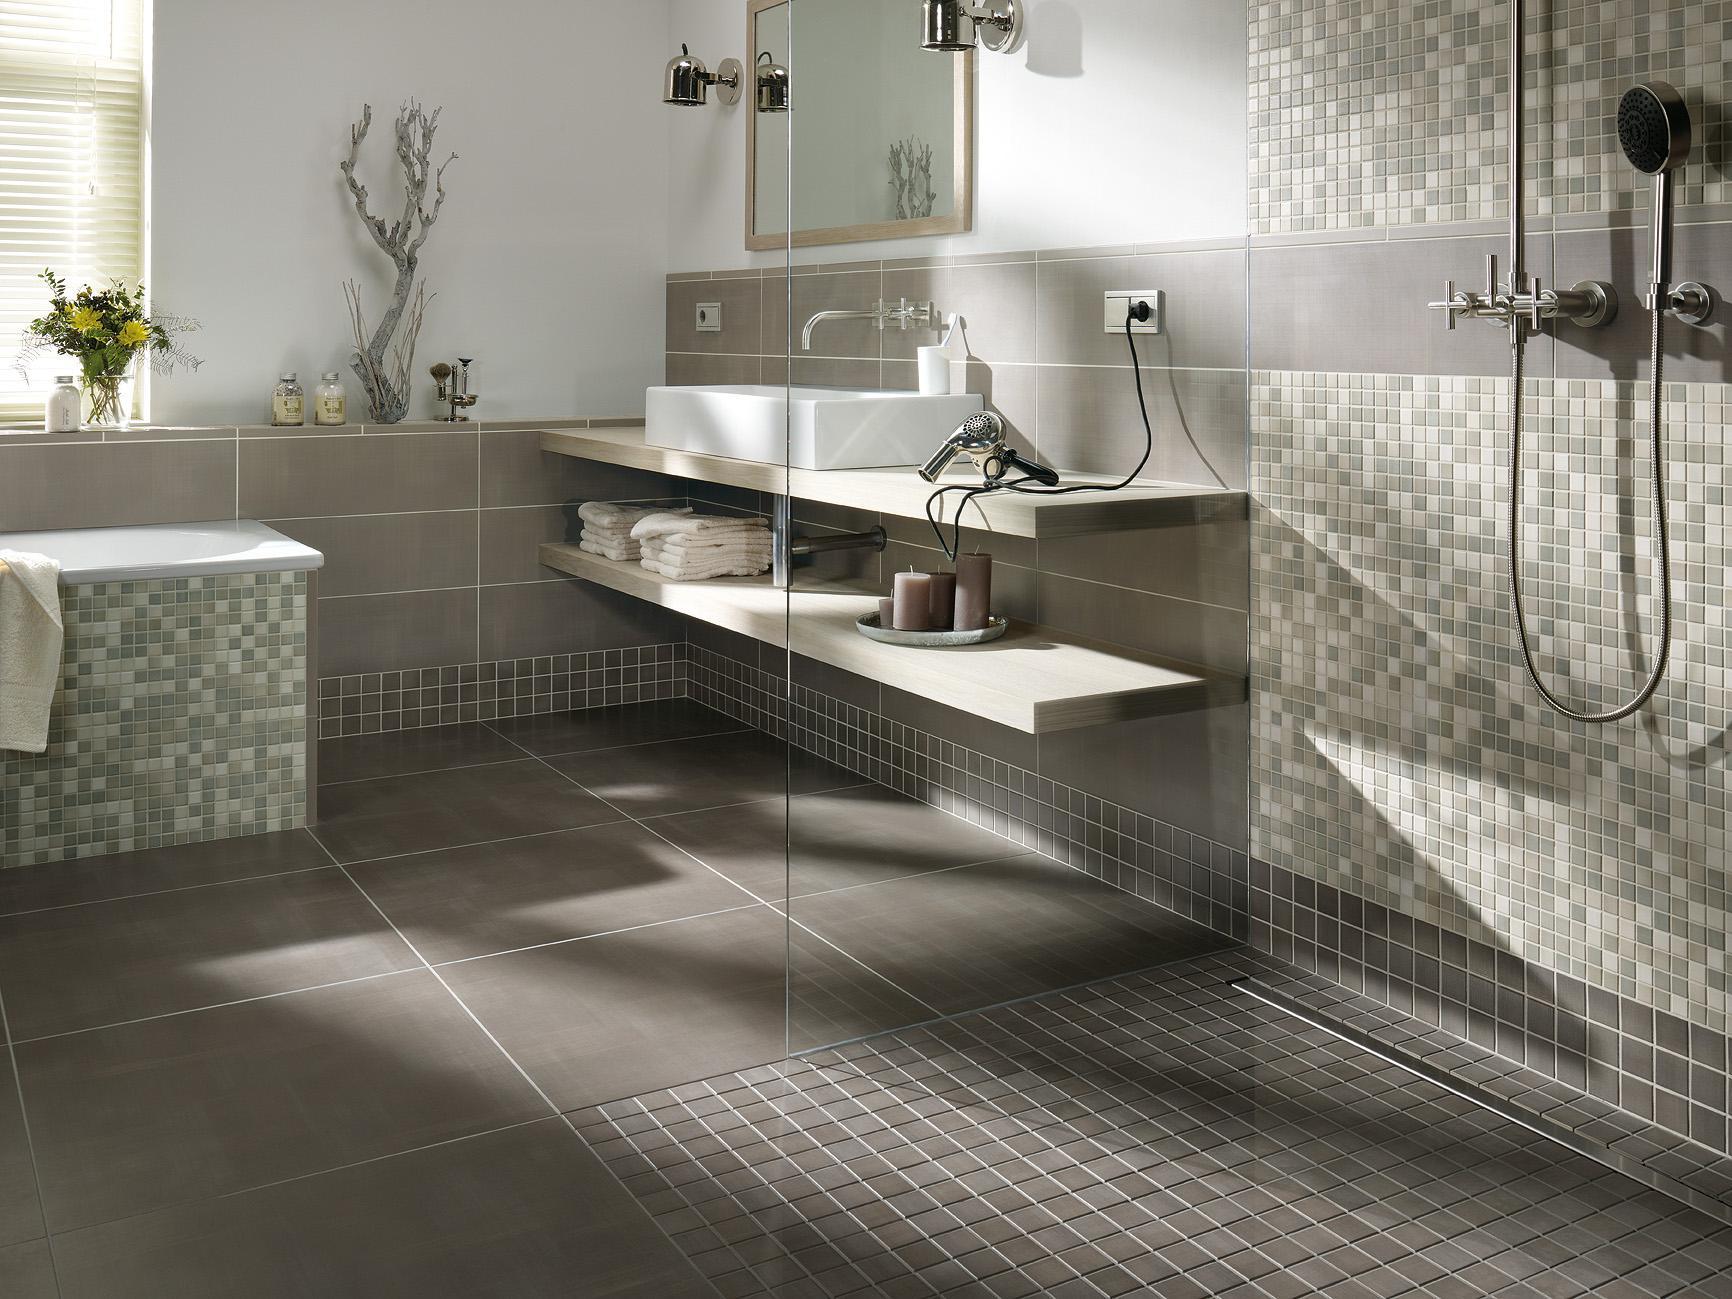 Badezimmergestaltung in Grau #fliesen #mosaikfliesen...